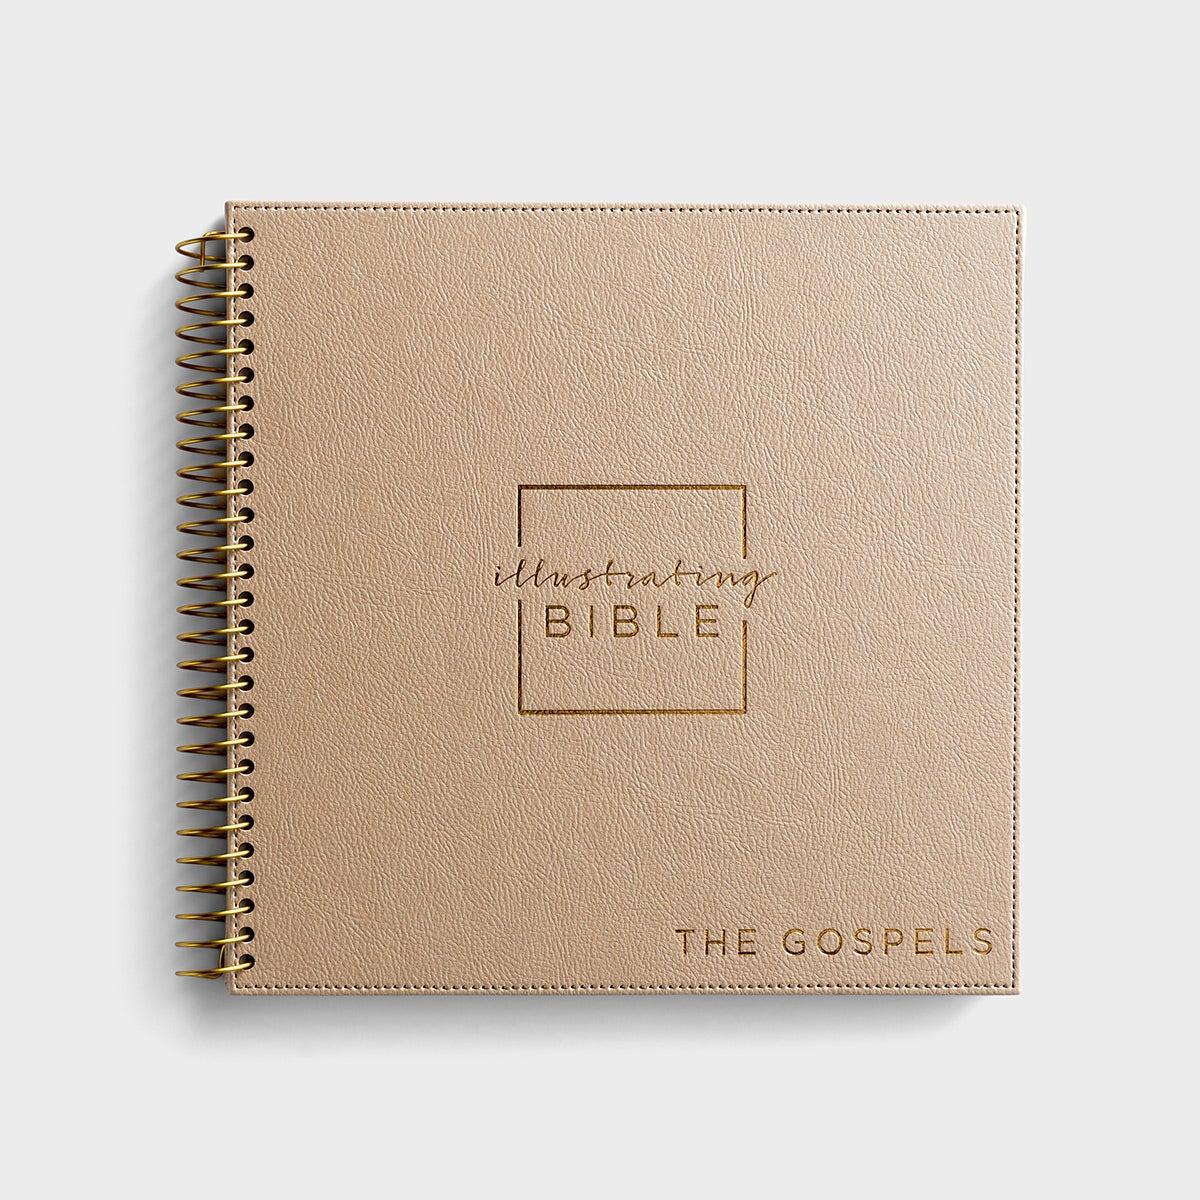 NIV Illustrating Bible - The Gospels